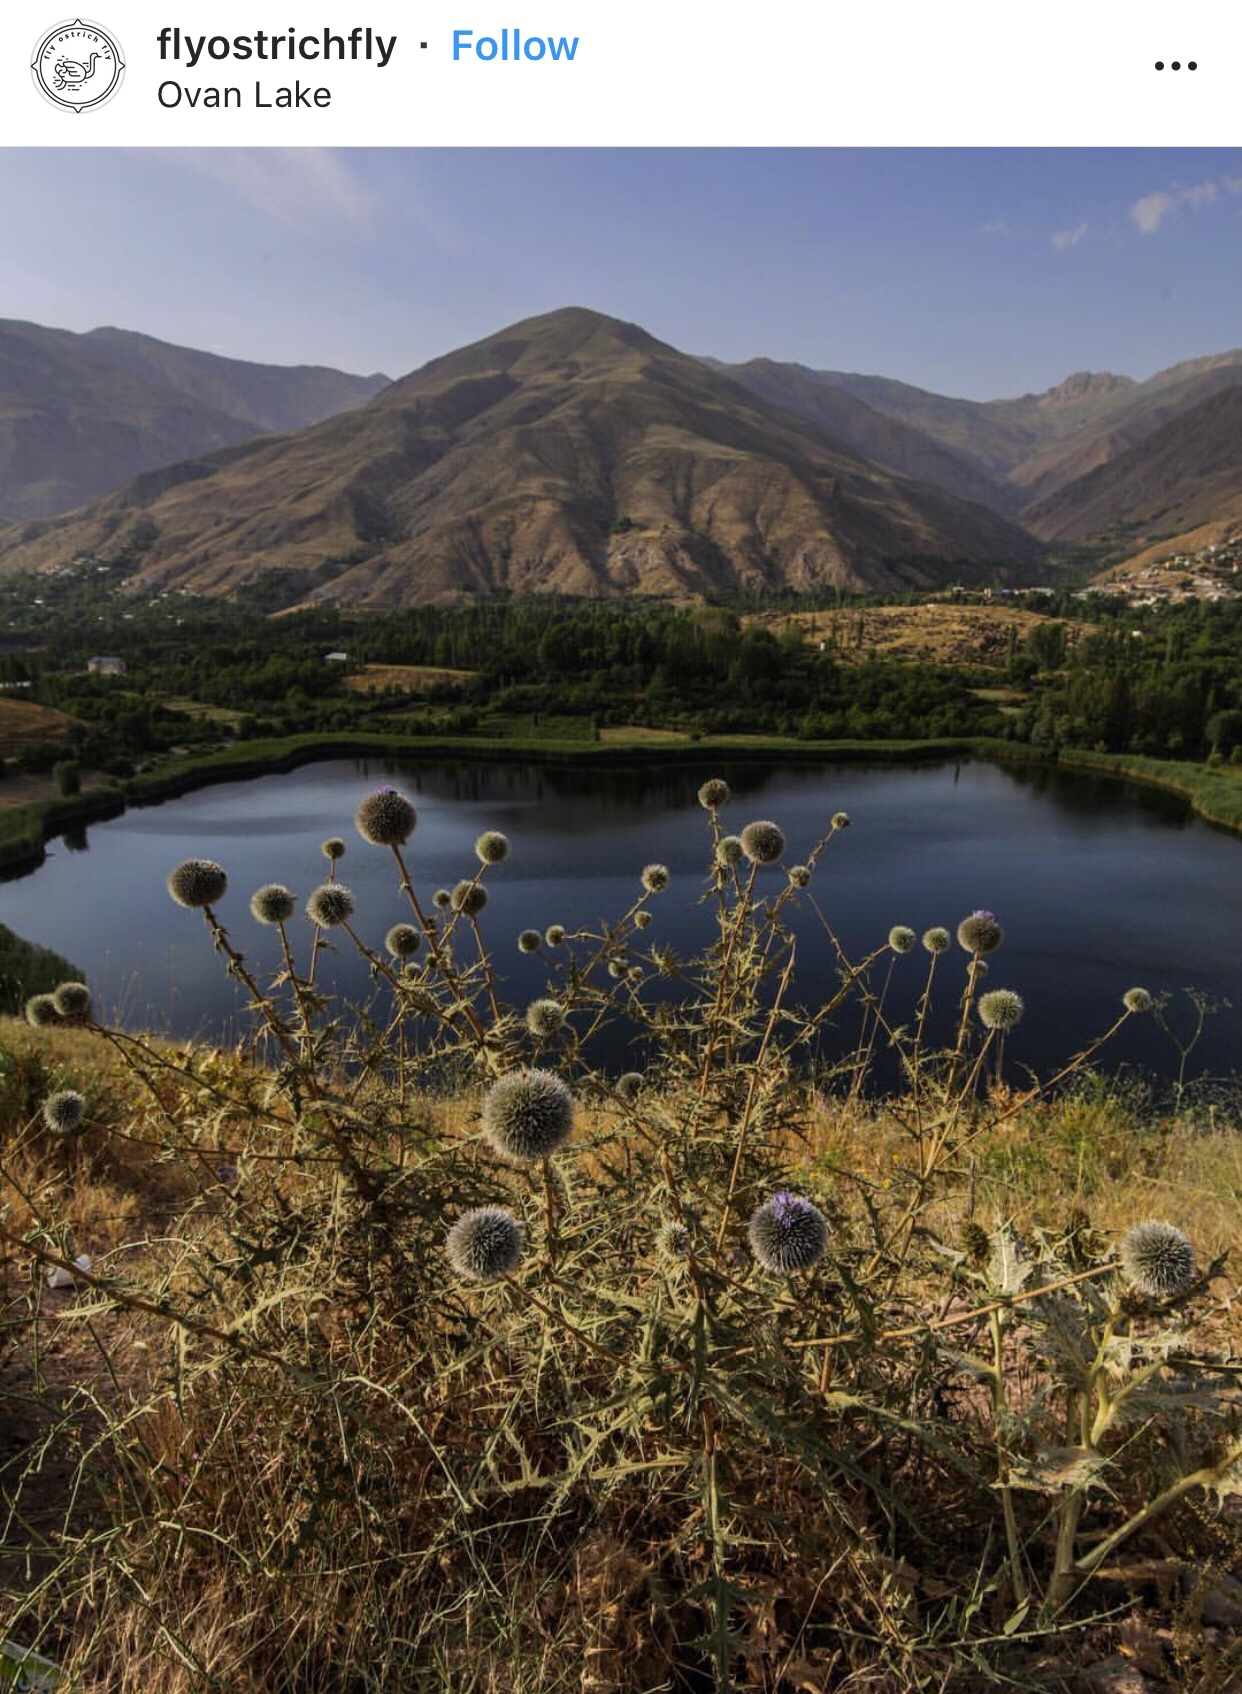 عدسة إيرانية: بحيرة اوان بالقرب من قزوين 1